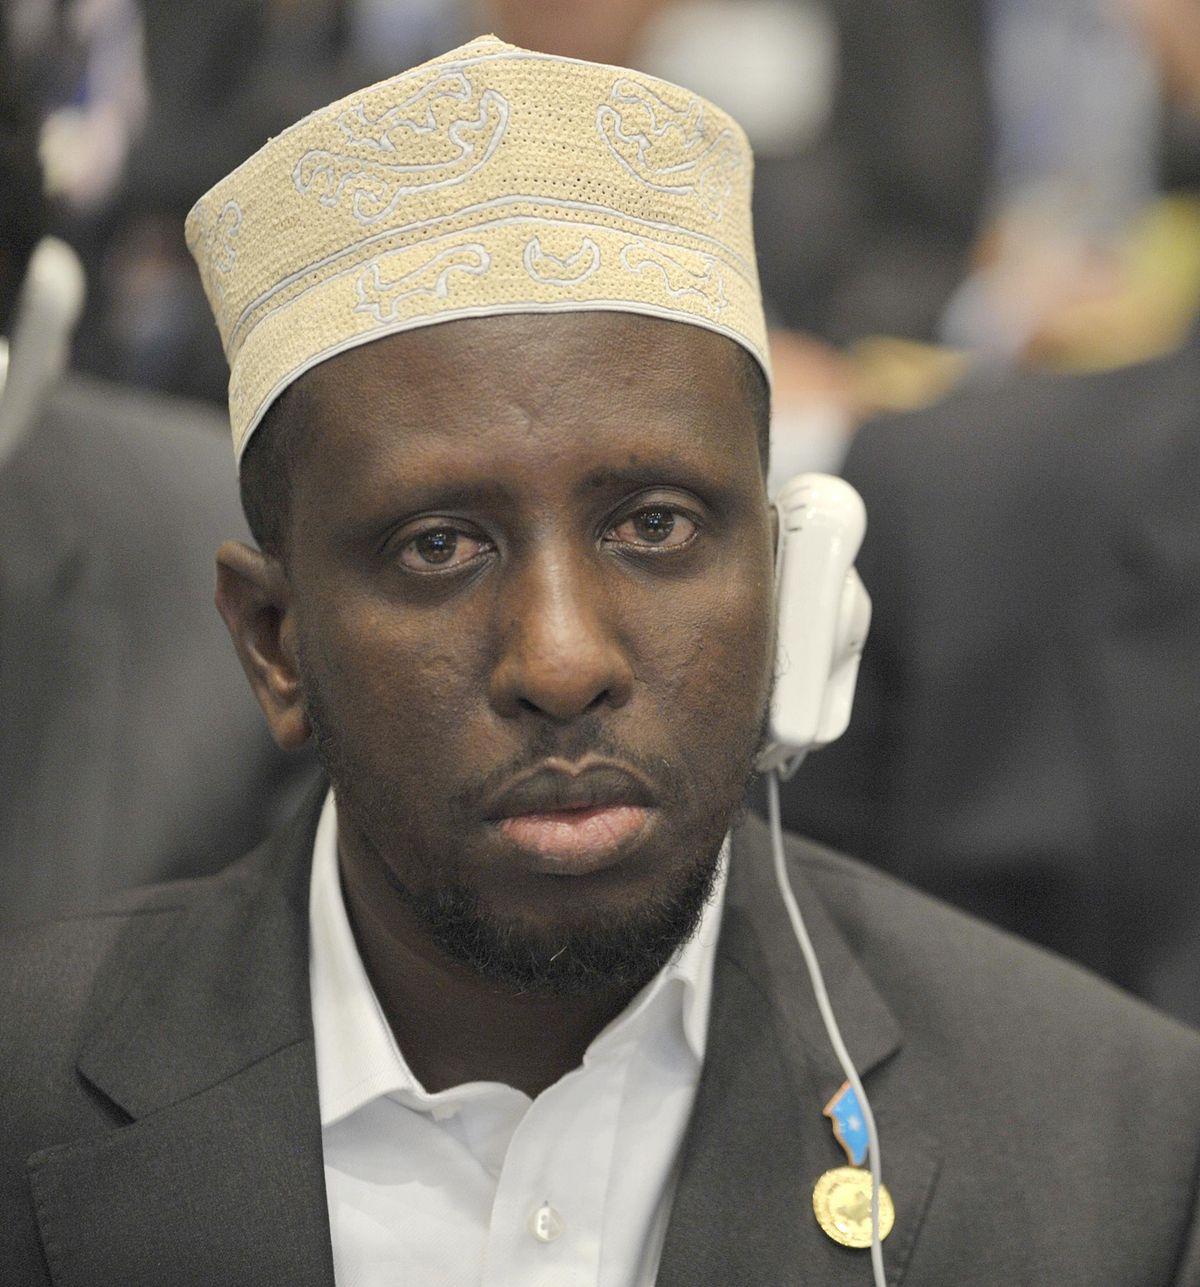 Sharif Sheikh Ahmed - Wikipedia